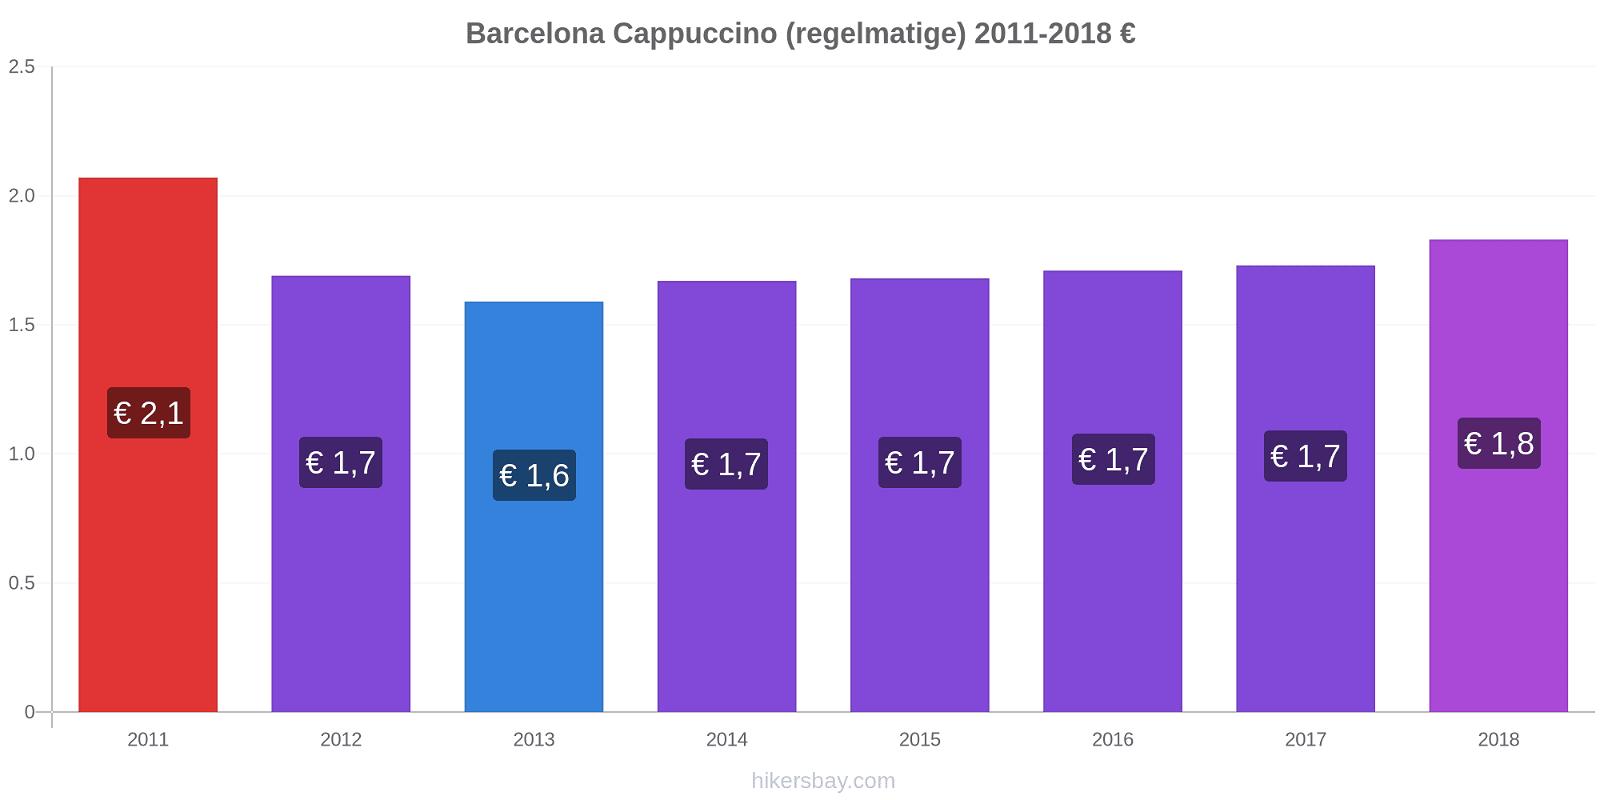 Barcelona prijswijzigingen Cappuccino (regelmatige) hikersbay.com